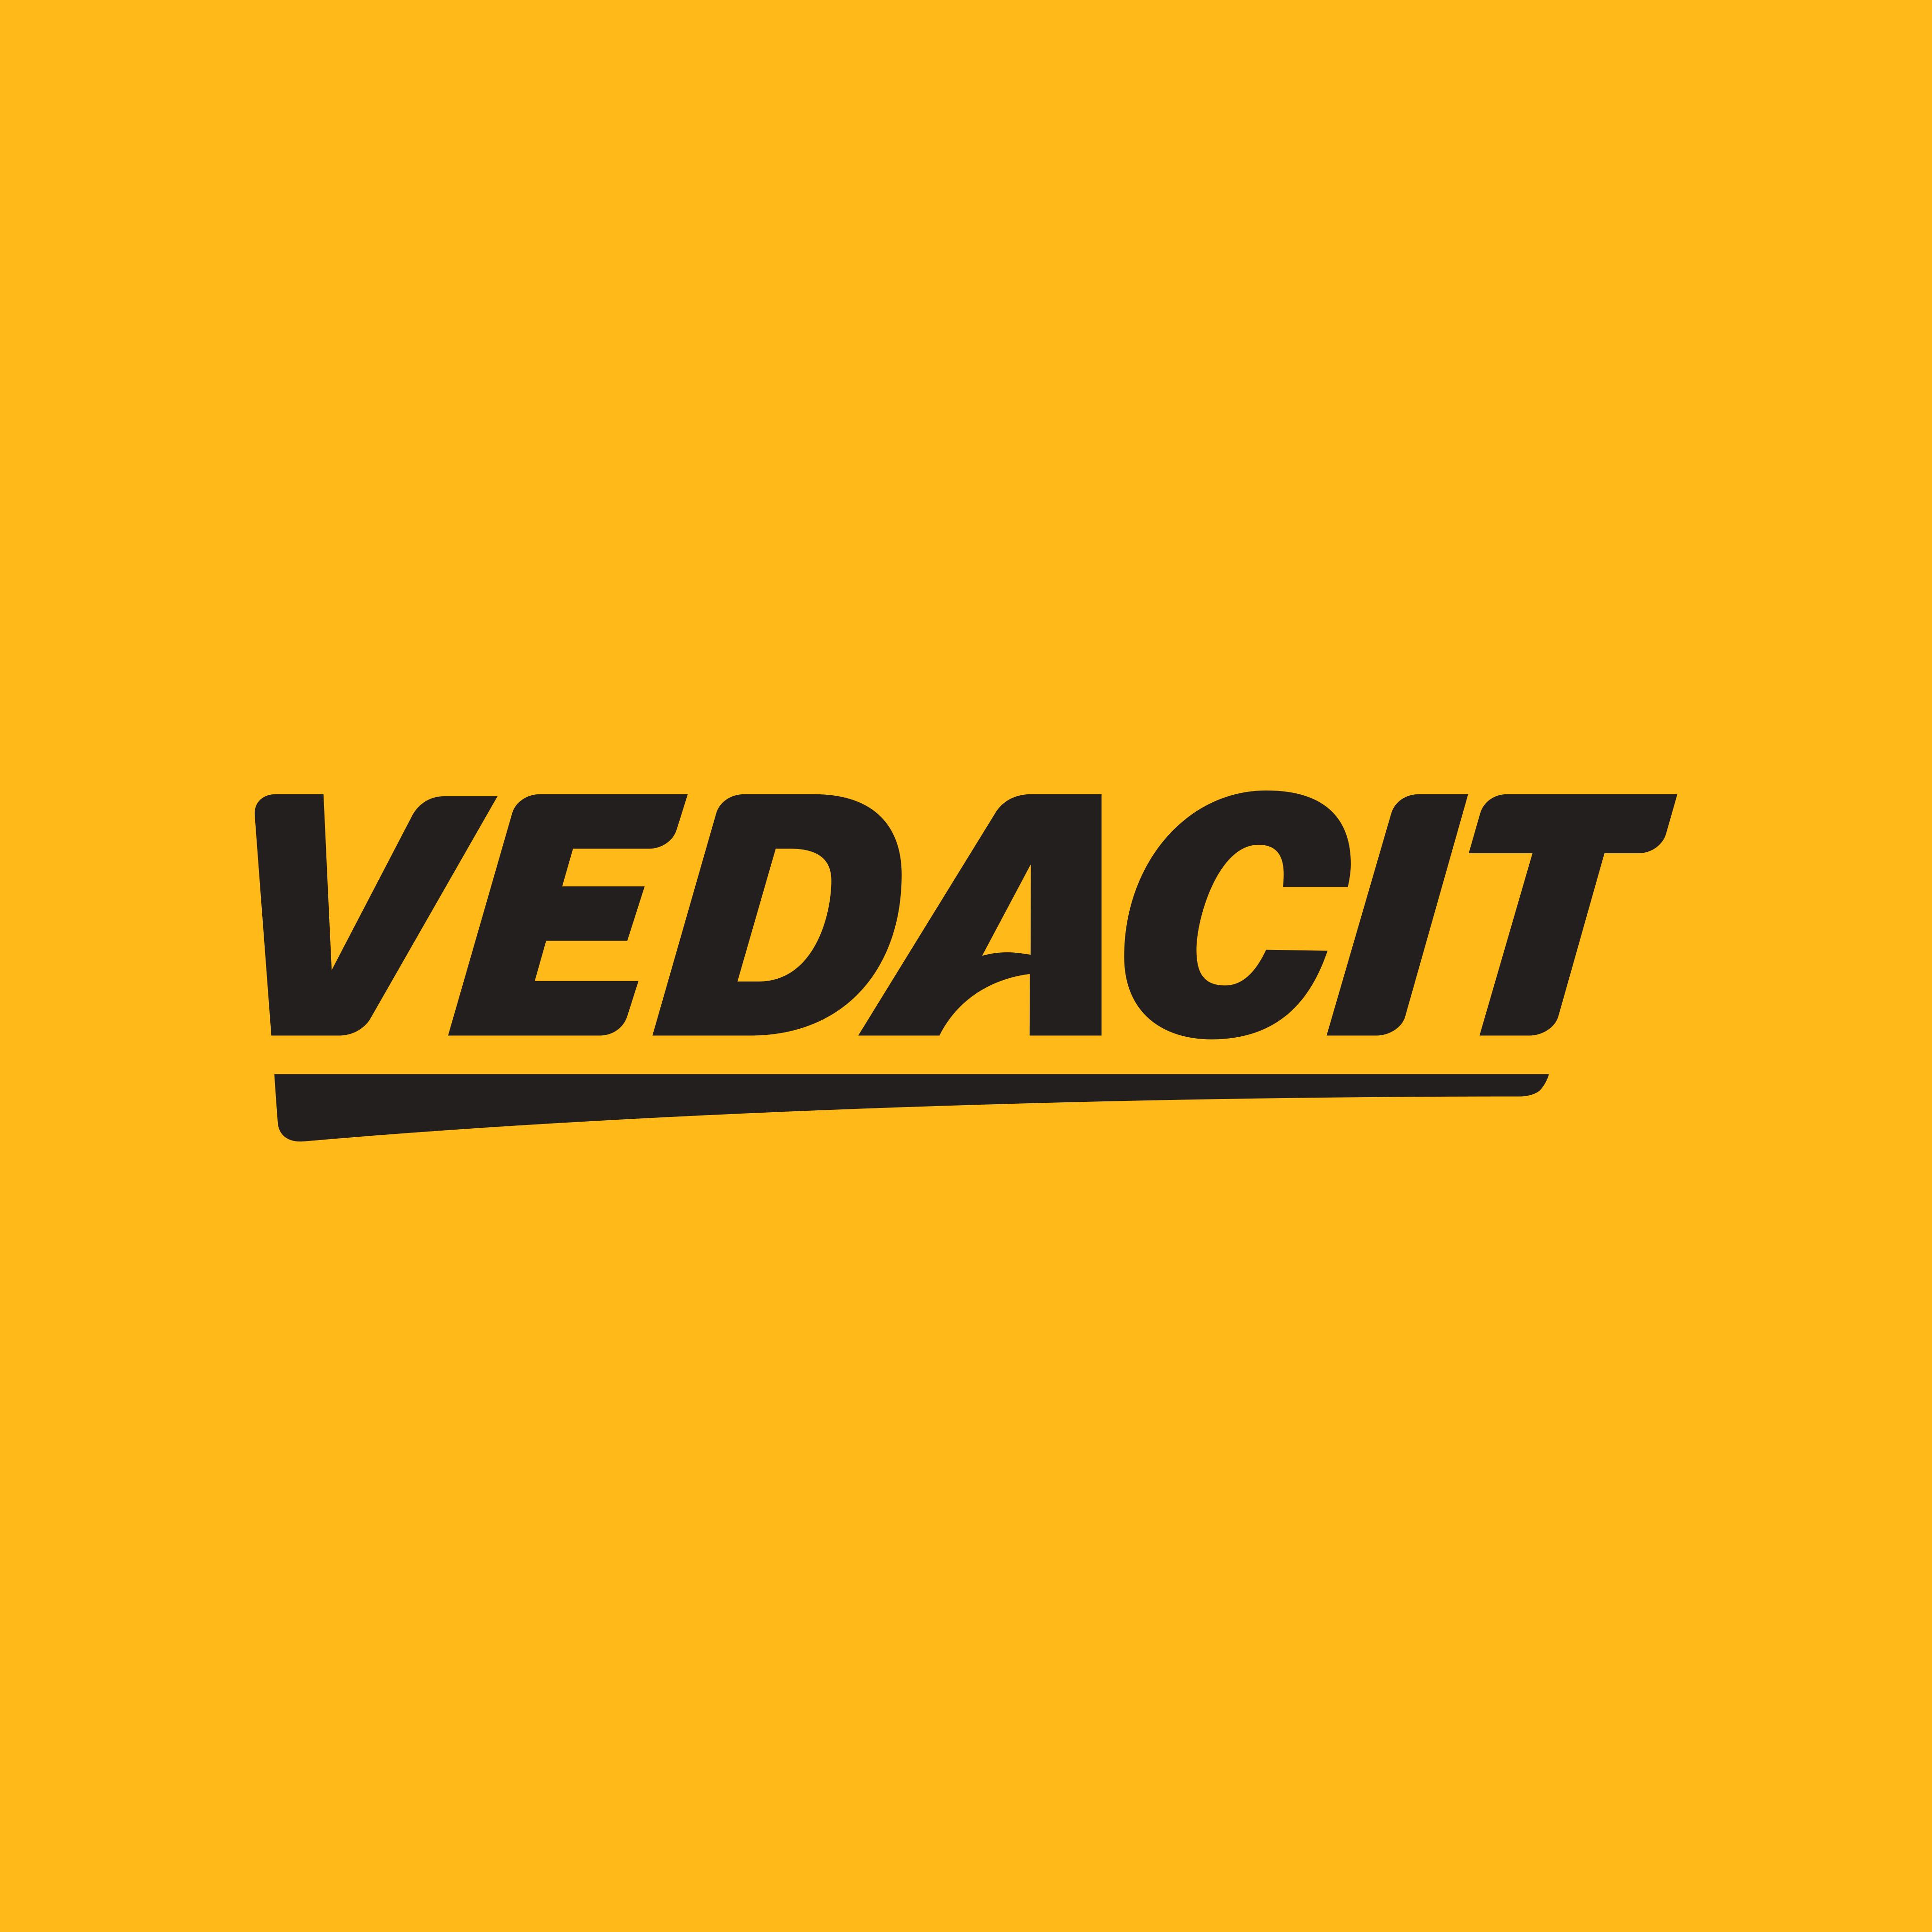 vedacit logo 2 - Vedacit Logo